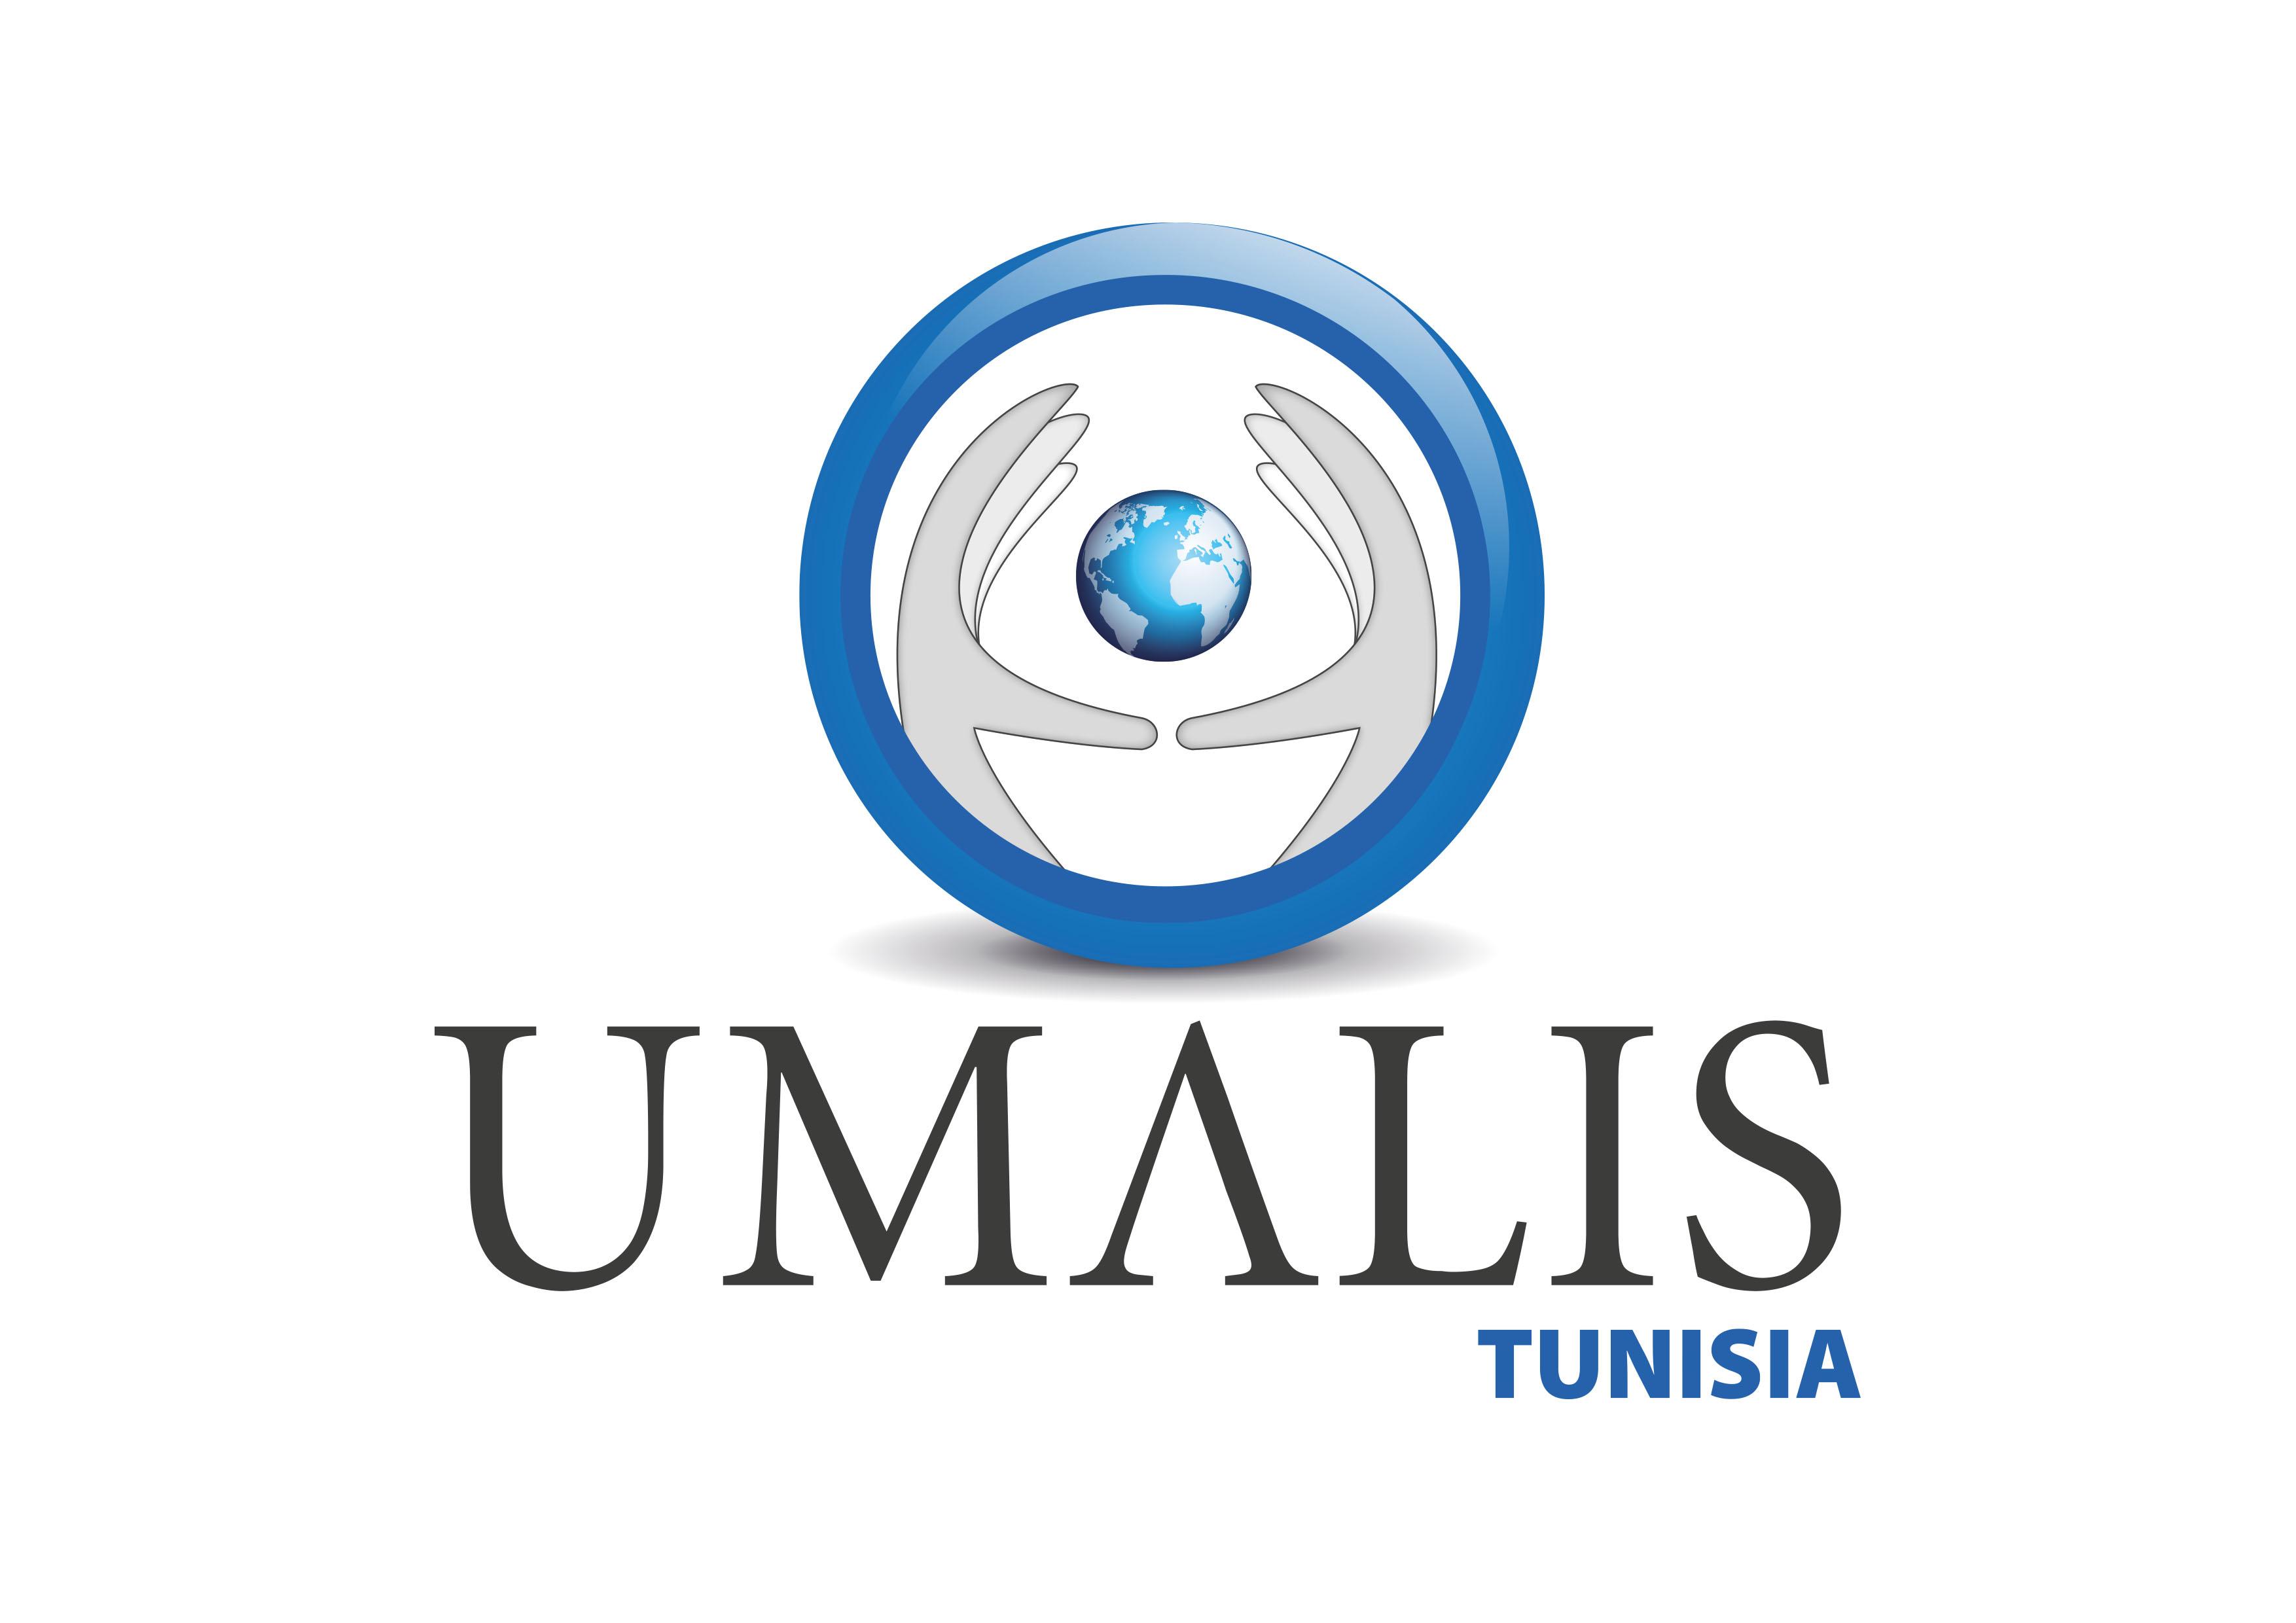 Umalis